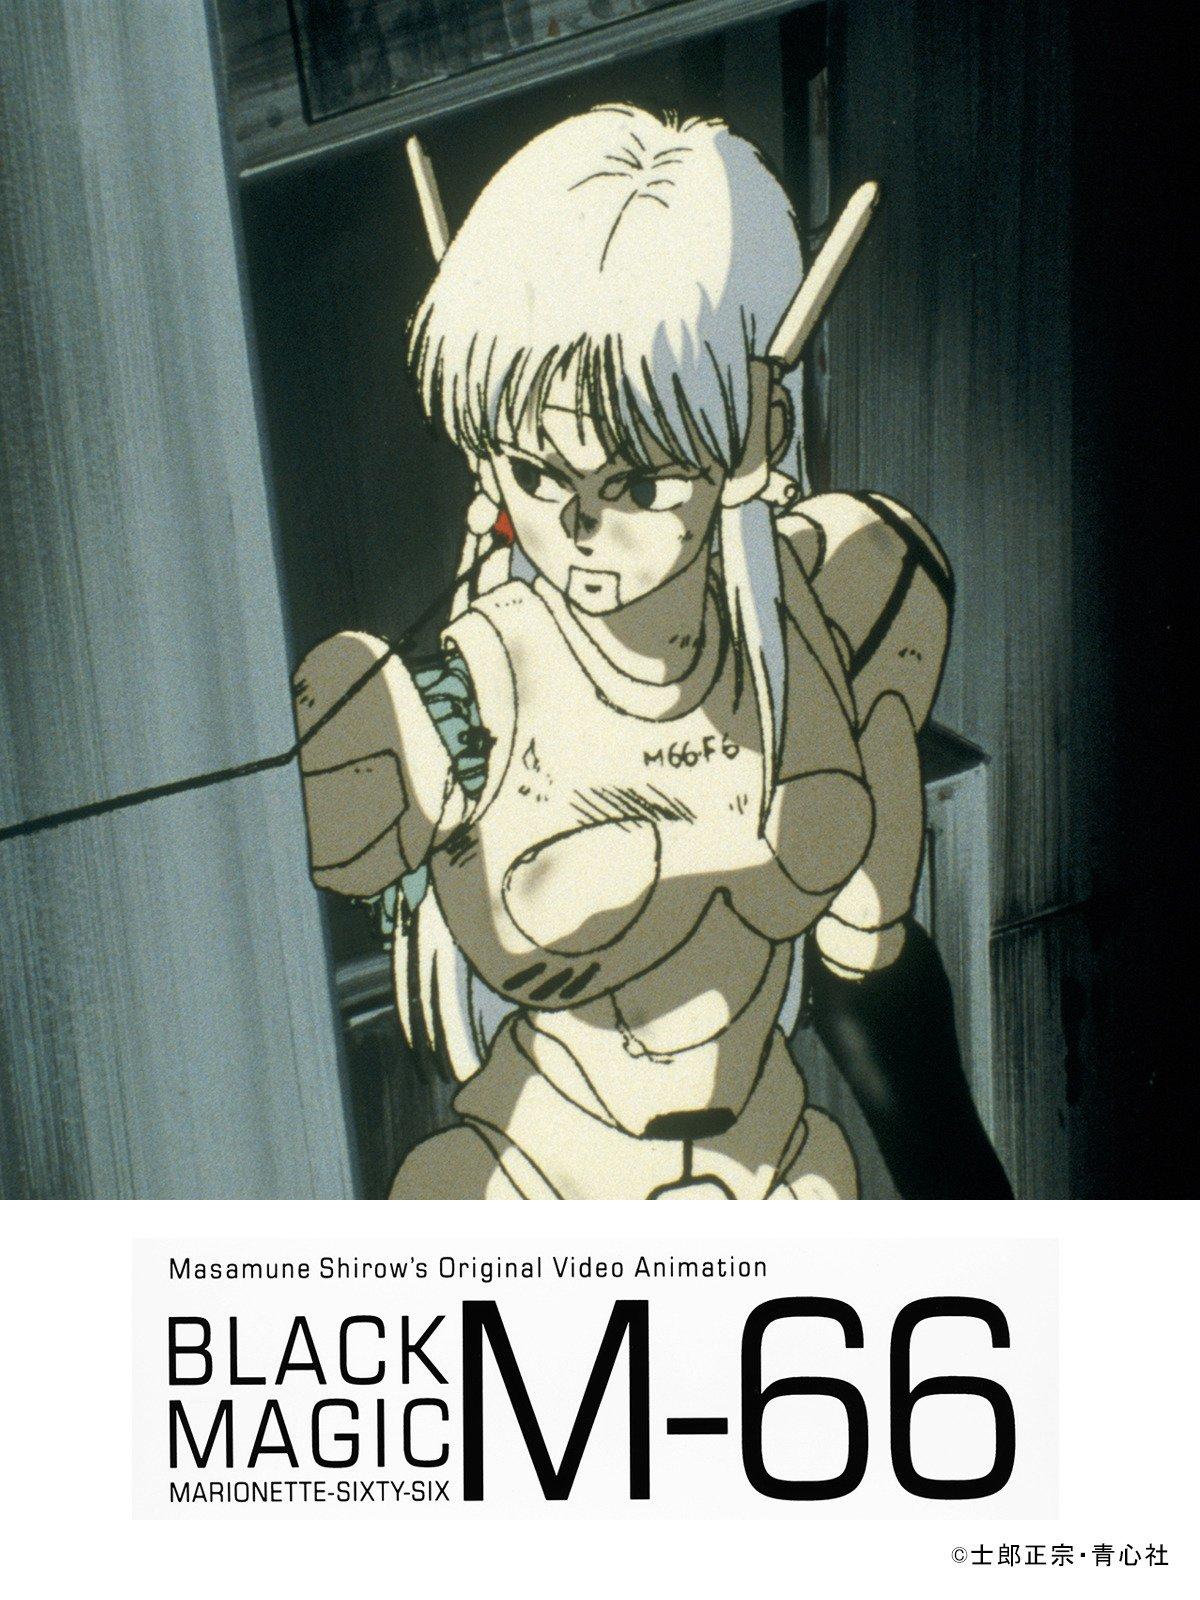 マジック ブラック